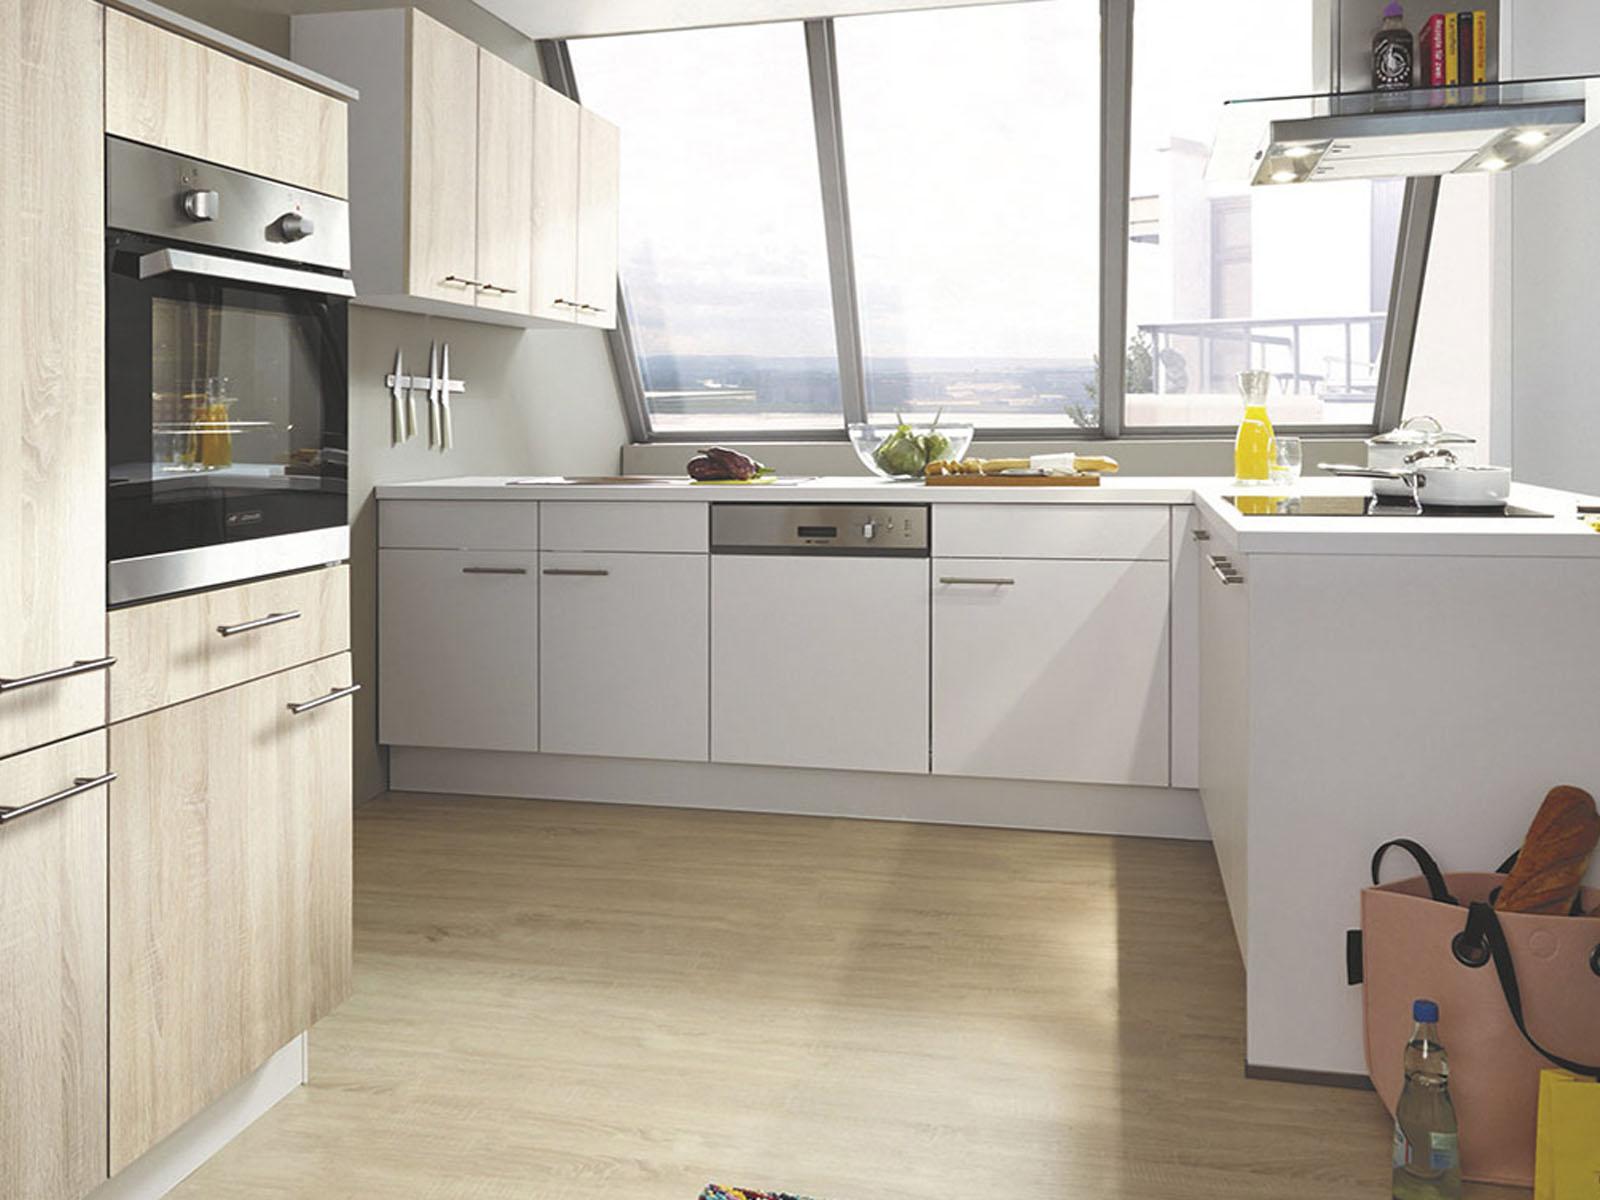 Classic Kitchen Küchentime Speed 262